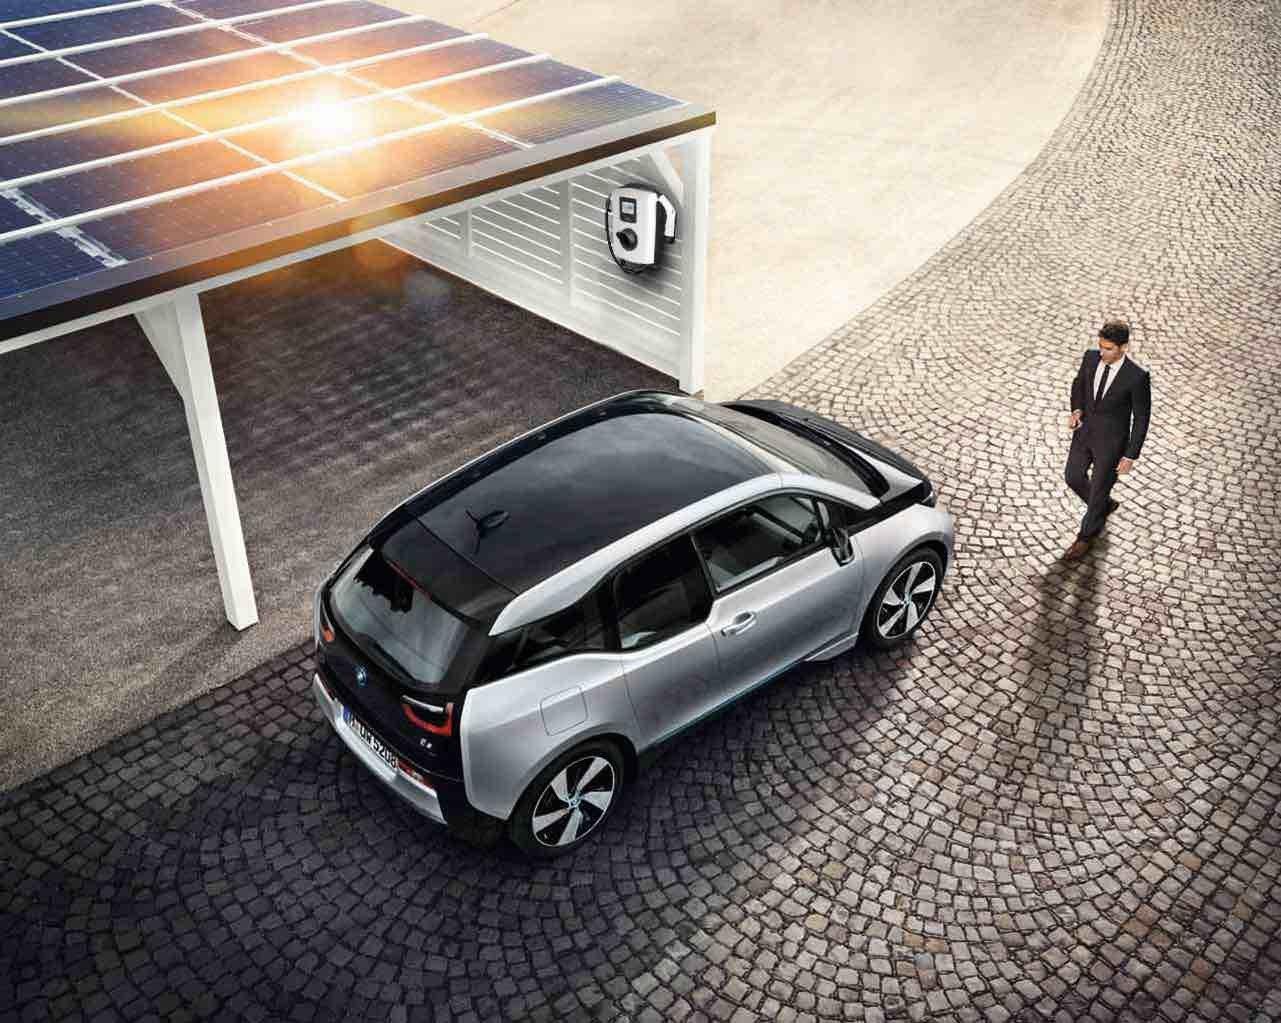 Mobilità elettrica, Viessmann presenta le soluzioni di ricarica